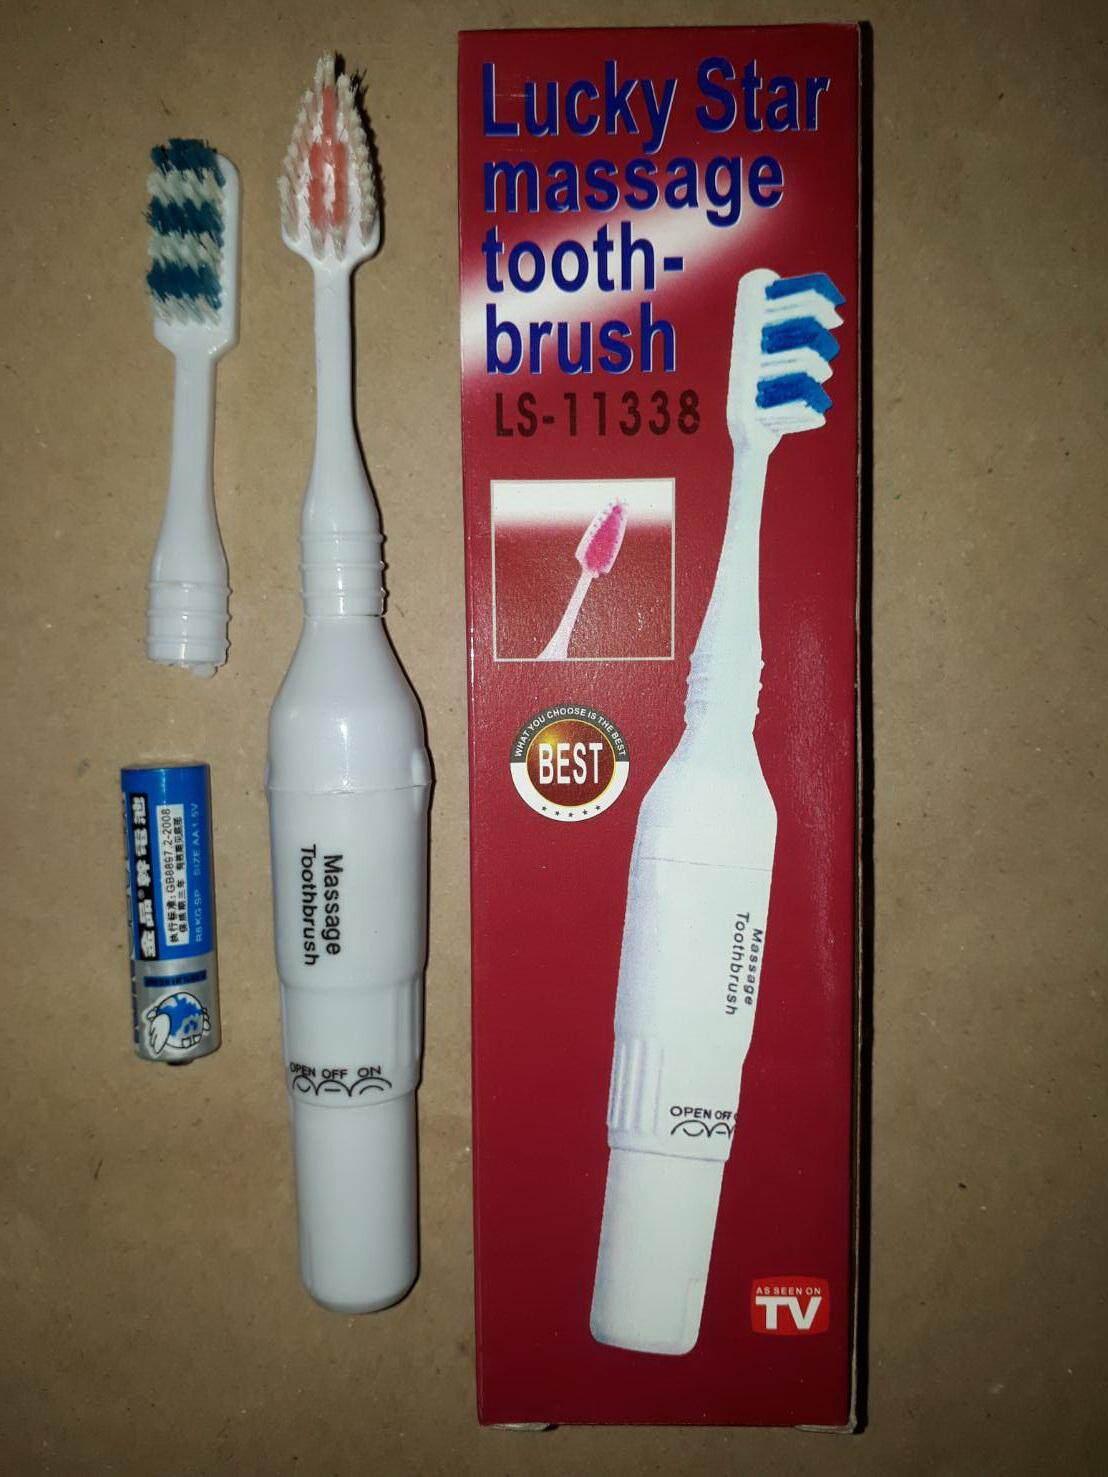 แปรงสีฟันไฟฟ้าเพื่อรอยยิ้มขาวสดใส หนองคาย แปรงสีฟันไฟฟ้า 2 หัวแปรงพร้อมแบตเตอรี่ AA 1 ก้อน  3 ชุด